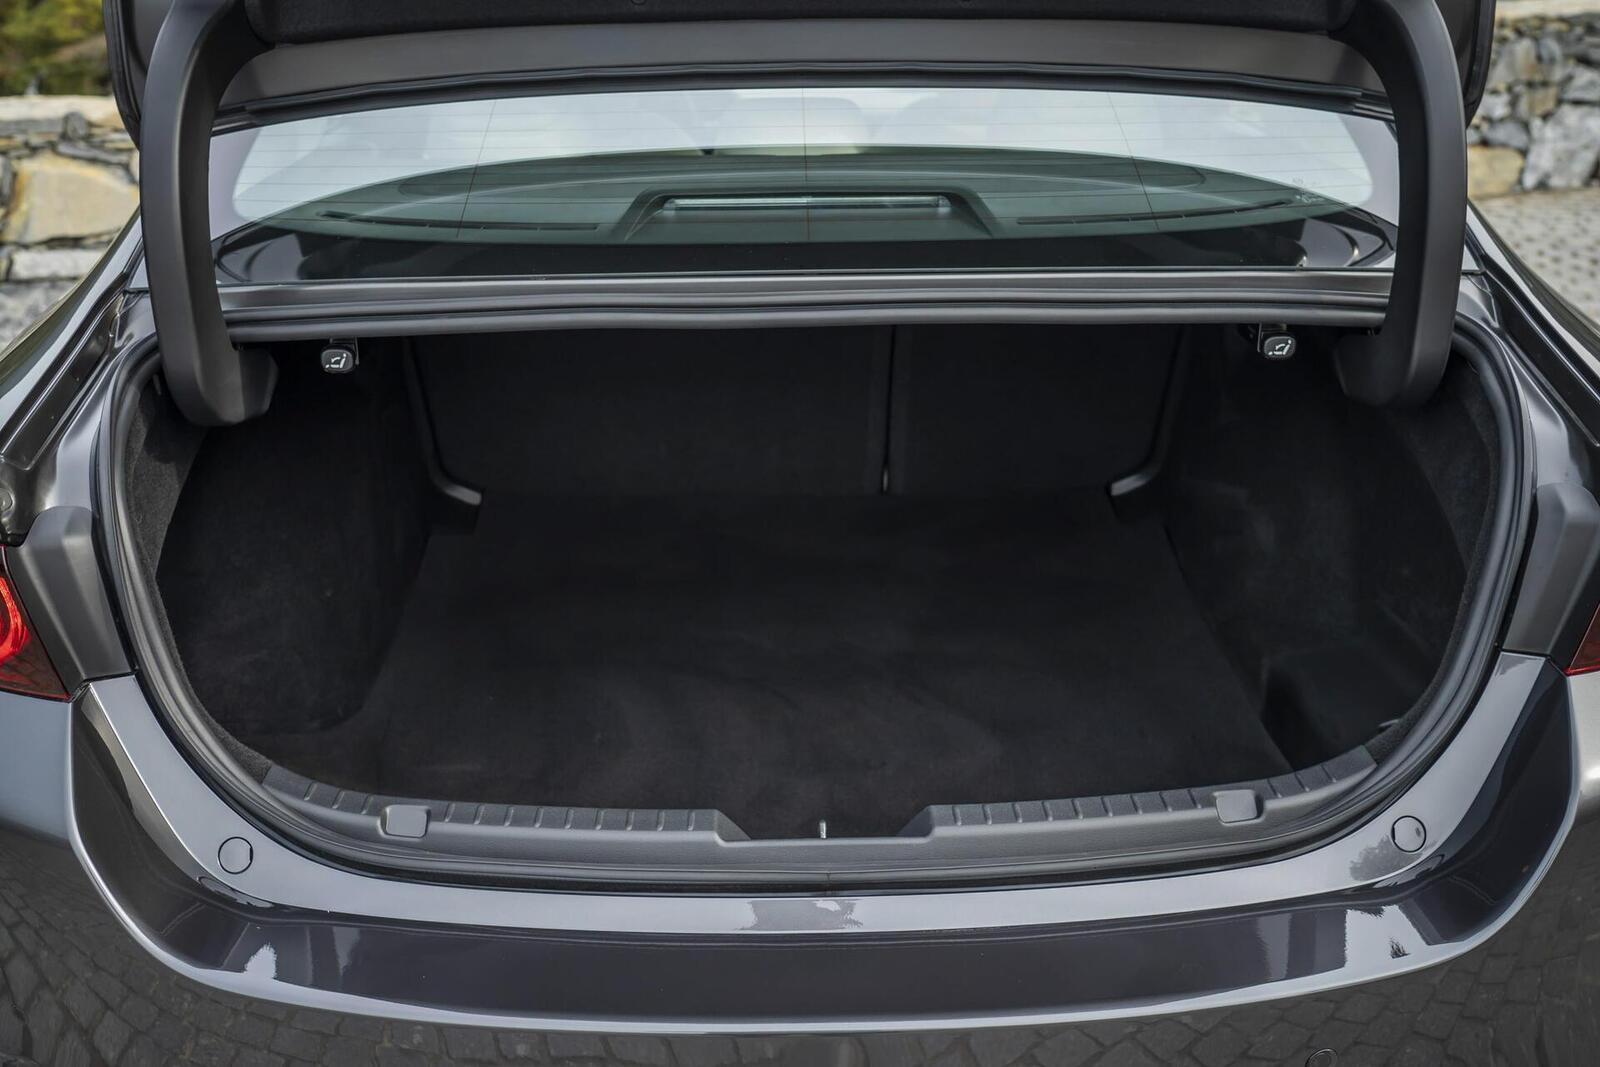 Mazda3 thế hệ mới chốt lịch ra mắt tại Malaysia vào tháng sau; giá dự kiến từ 764 triệu đồng - Hình 20